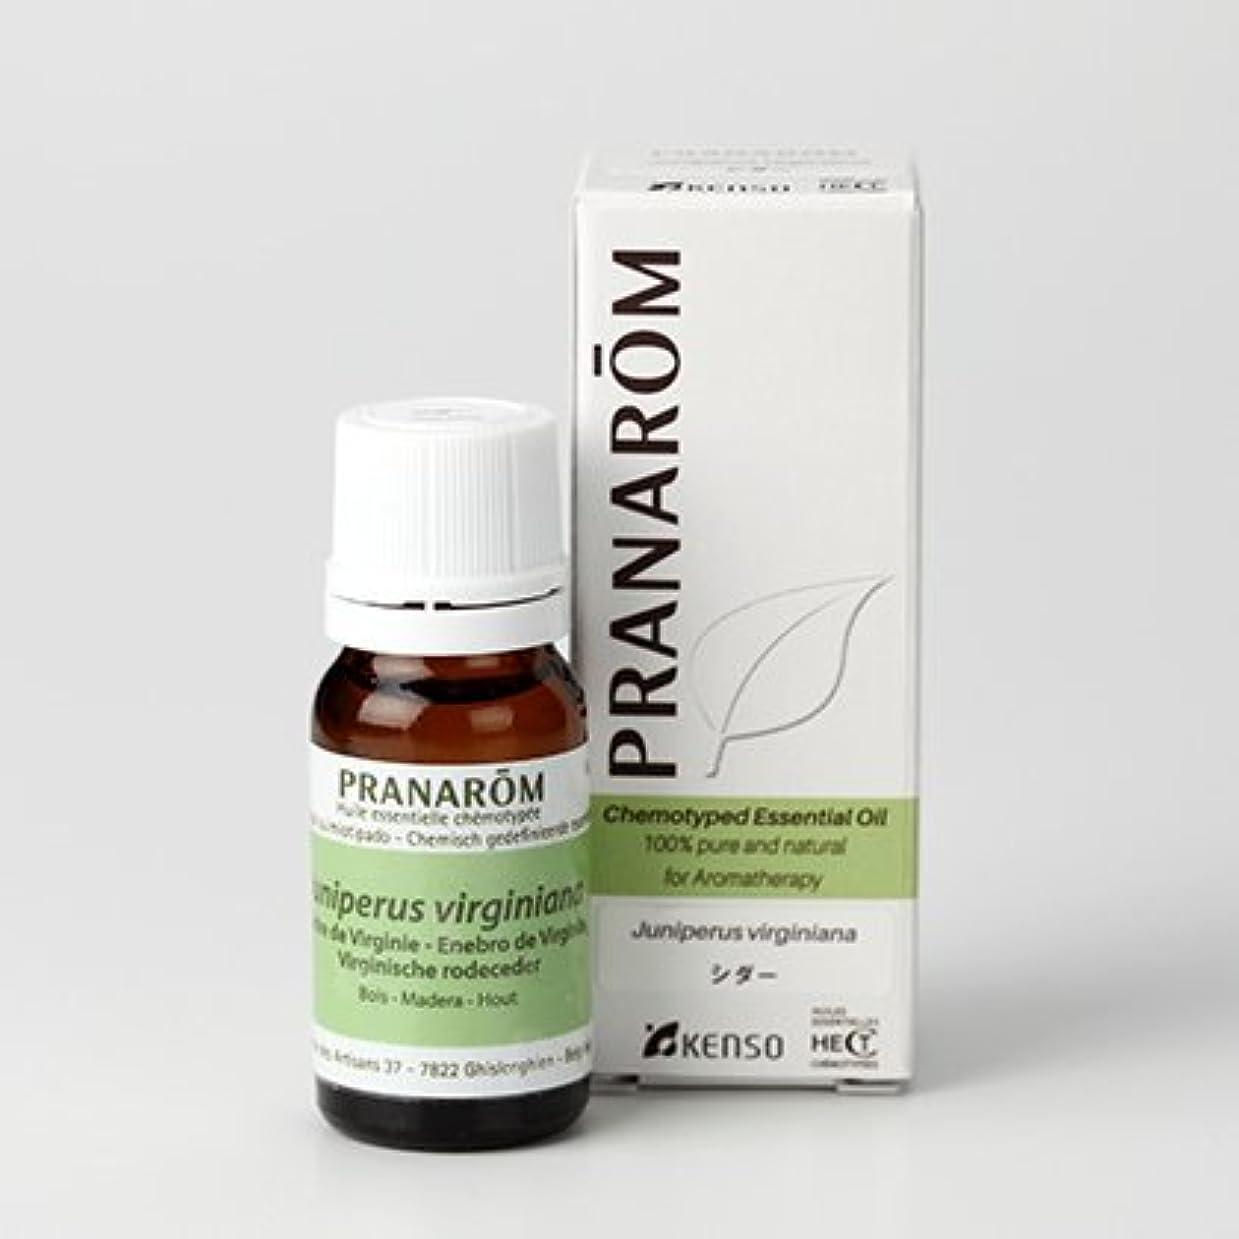 シダー 10ml プラナロム社エッセンシャルオイル(精油)樹木系ミドルノート